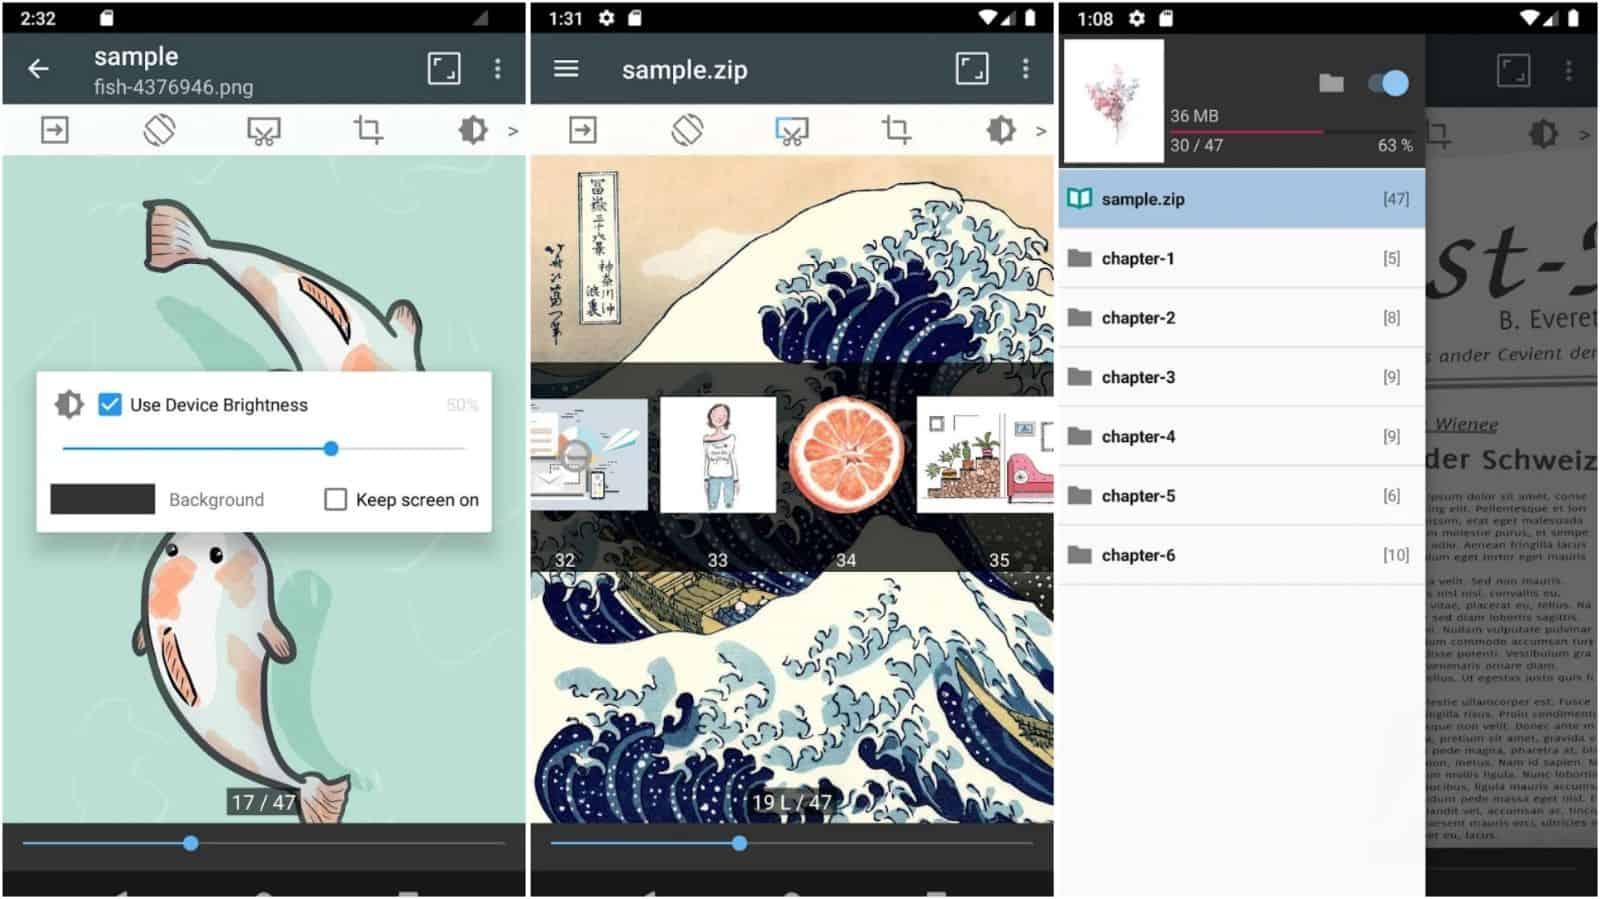 ComicScreen app grid image